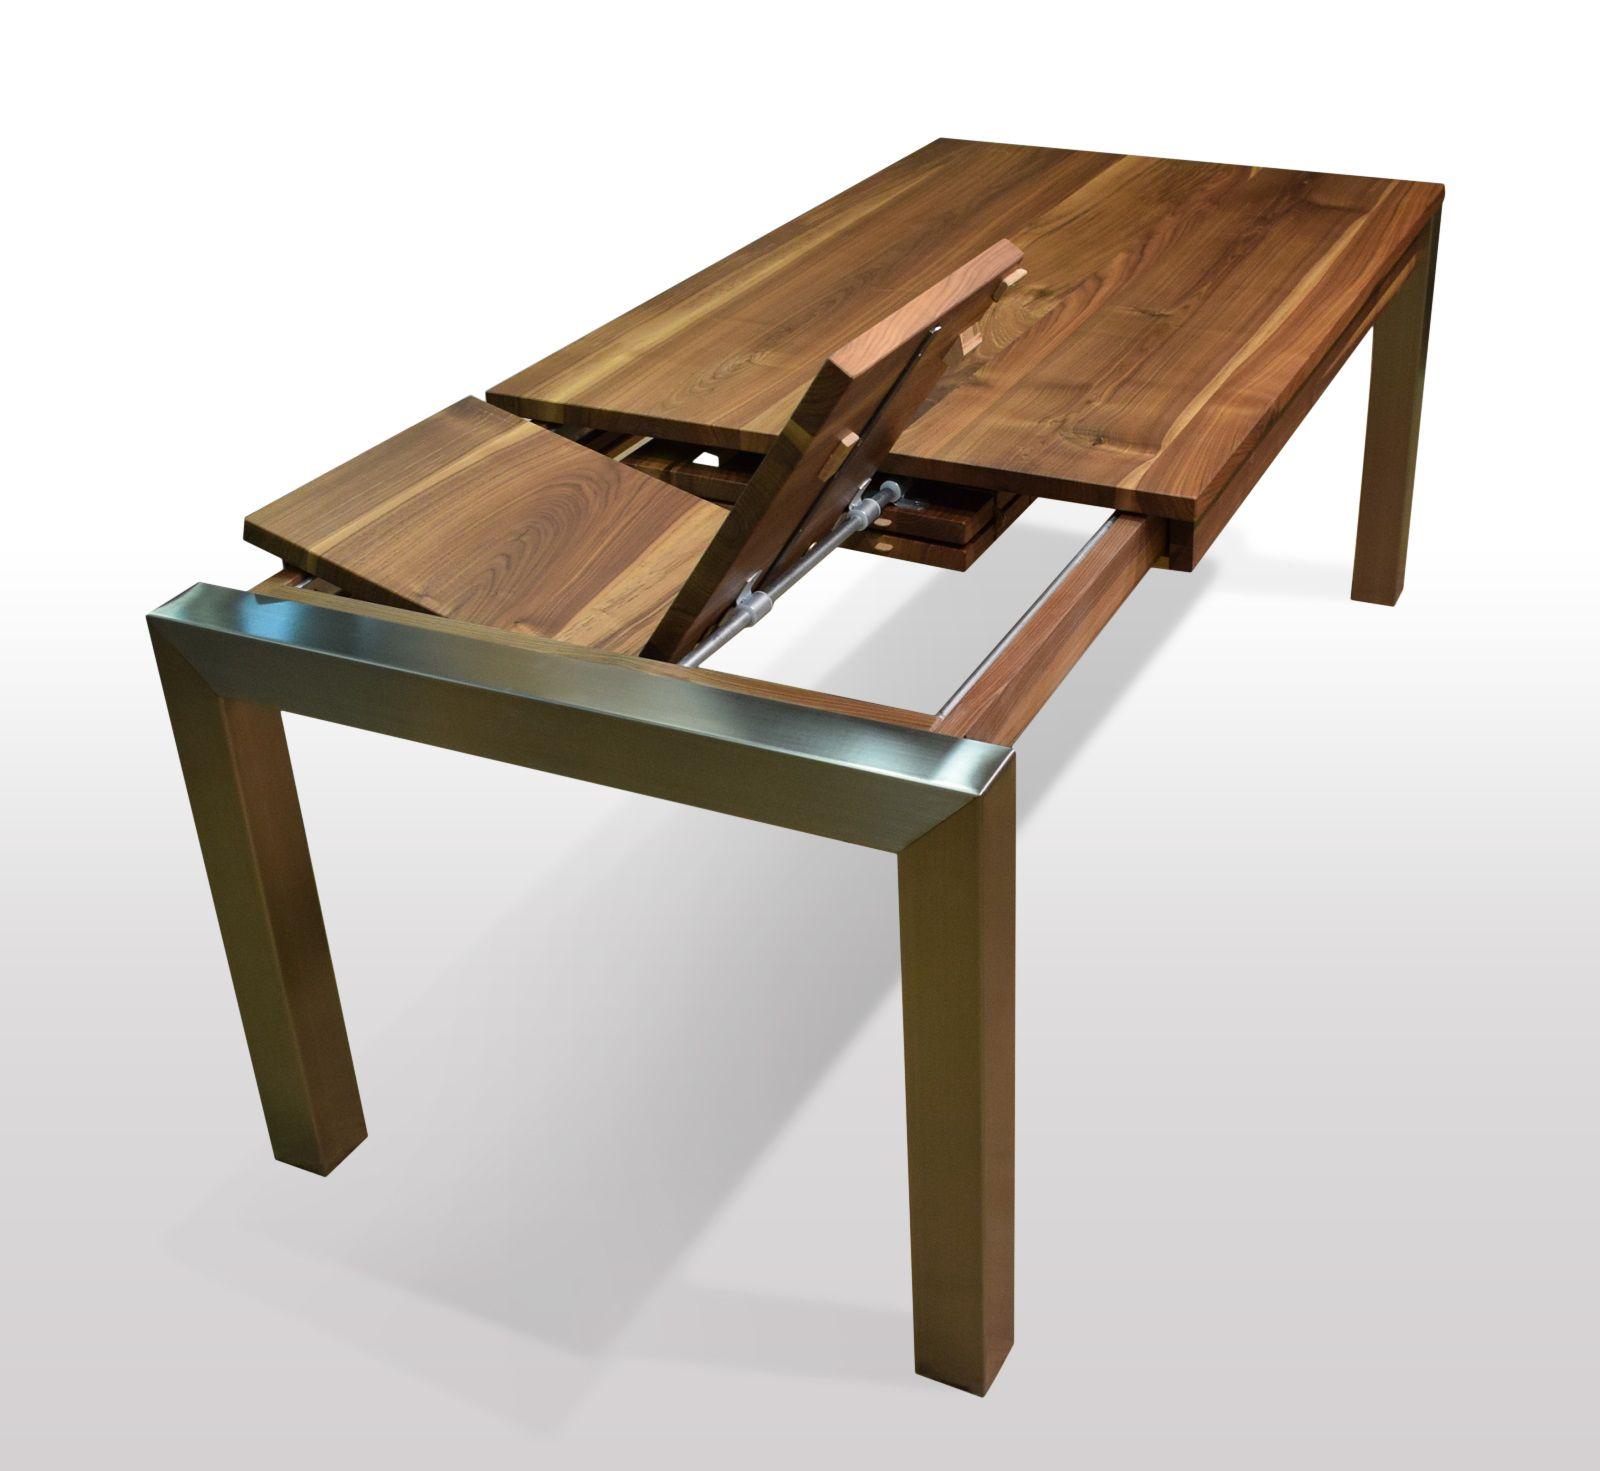 Tisch Nussbaum Massiv Breite 80cm Länge Wählbar Möbeln